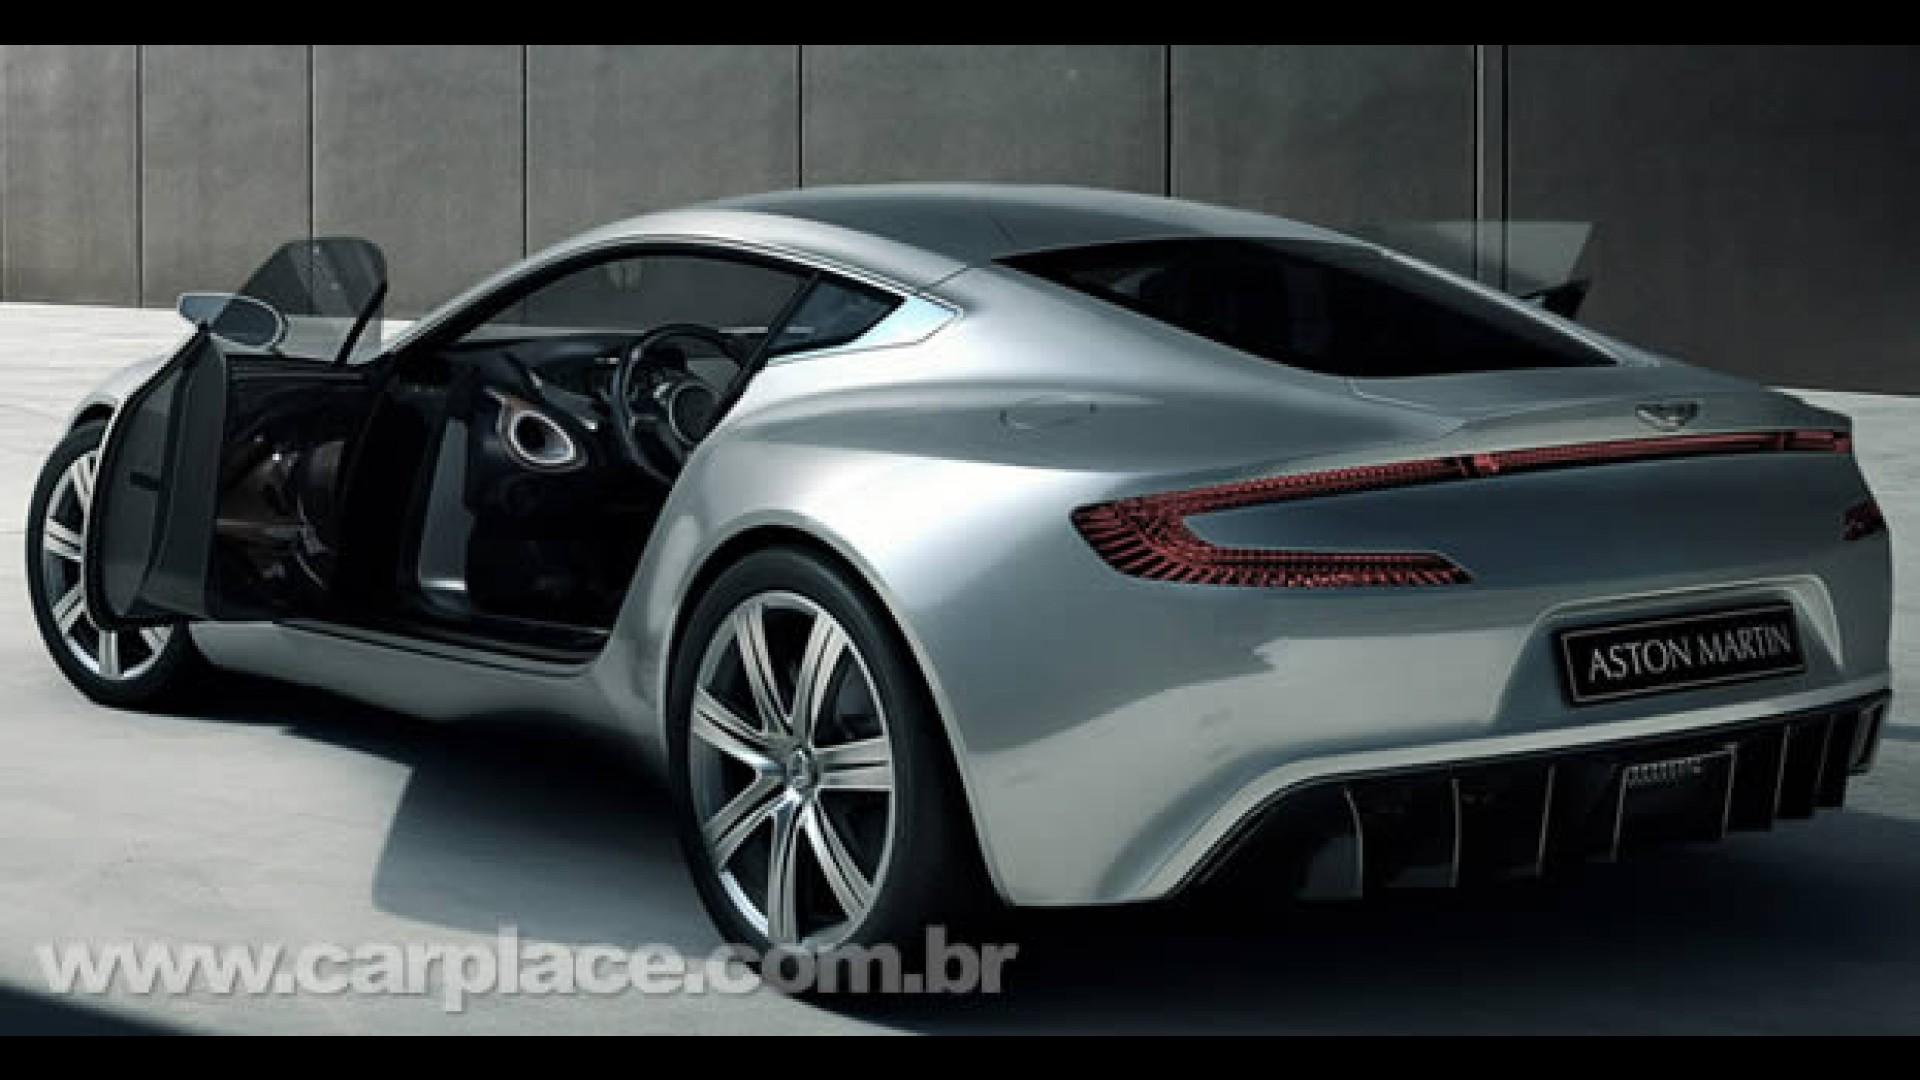 Aston Martin One 77 2010 E Apresentado Na Italia Serie Limitada Custa Mais De R 3 Milhoes